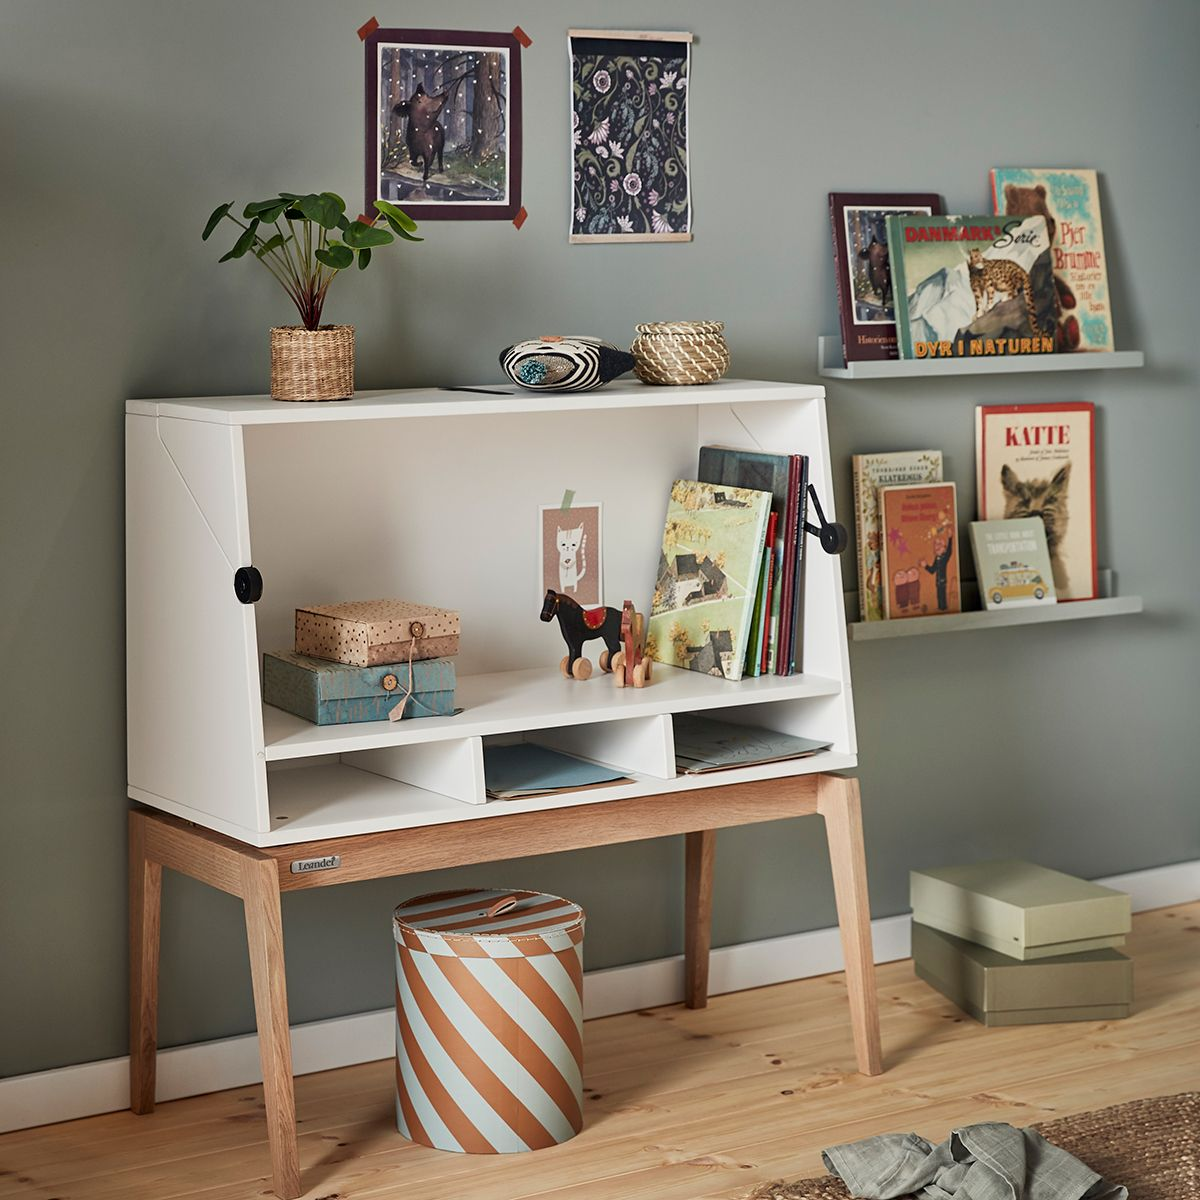 Luna Schreibtisch von Leander in Berlin kaufen - Kleine Fabriek